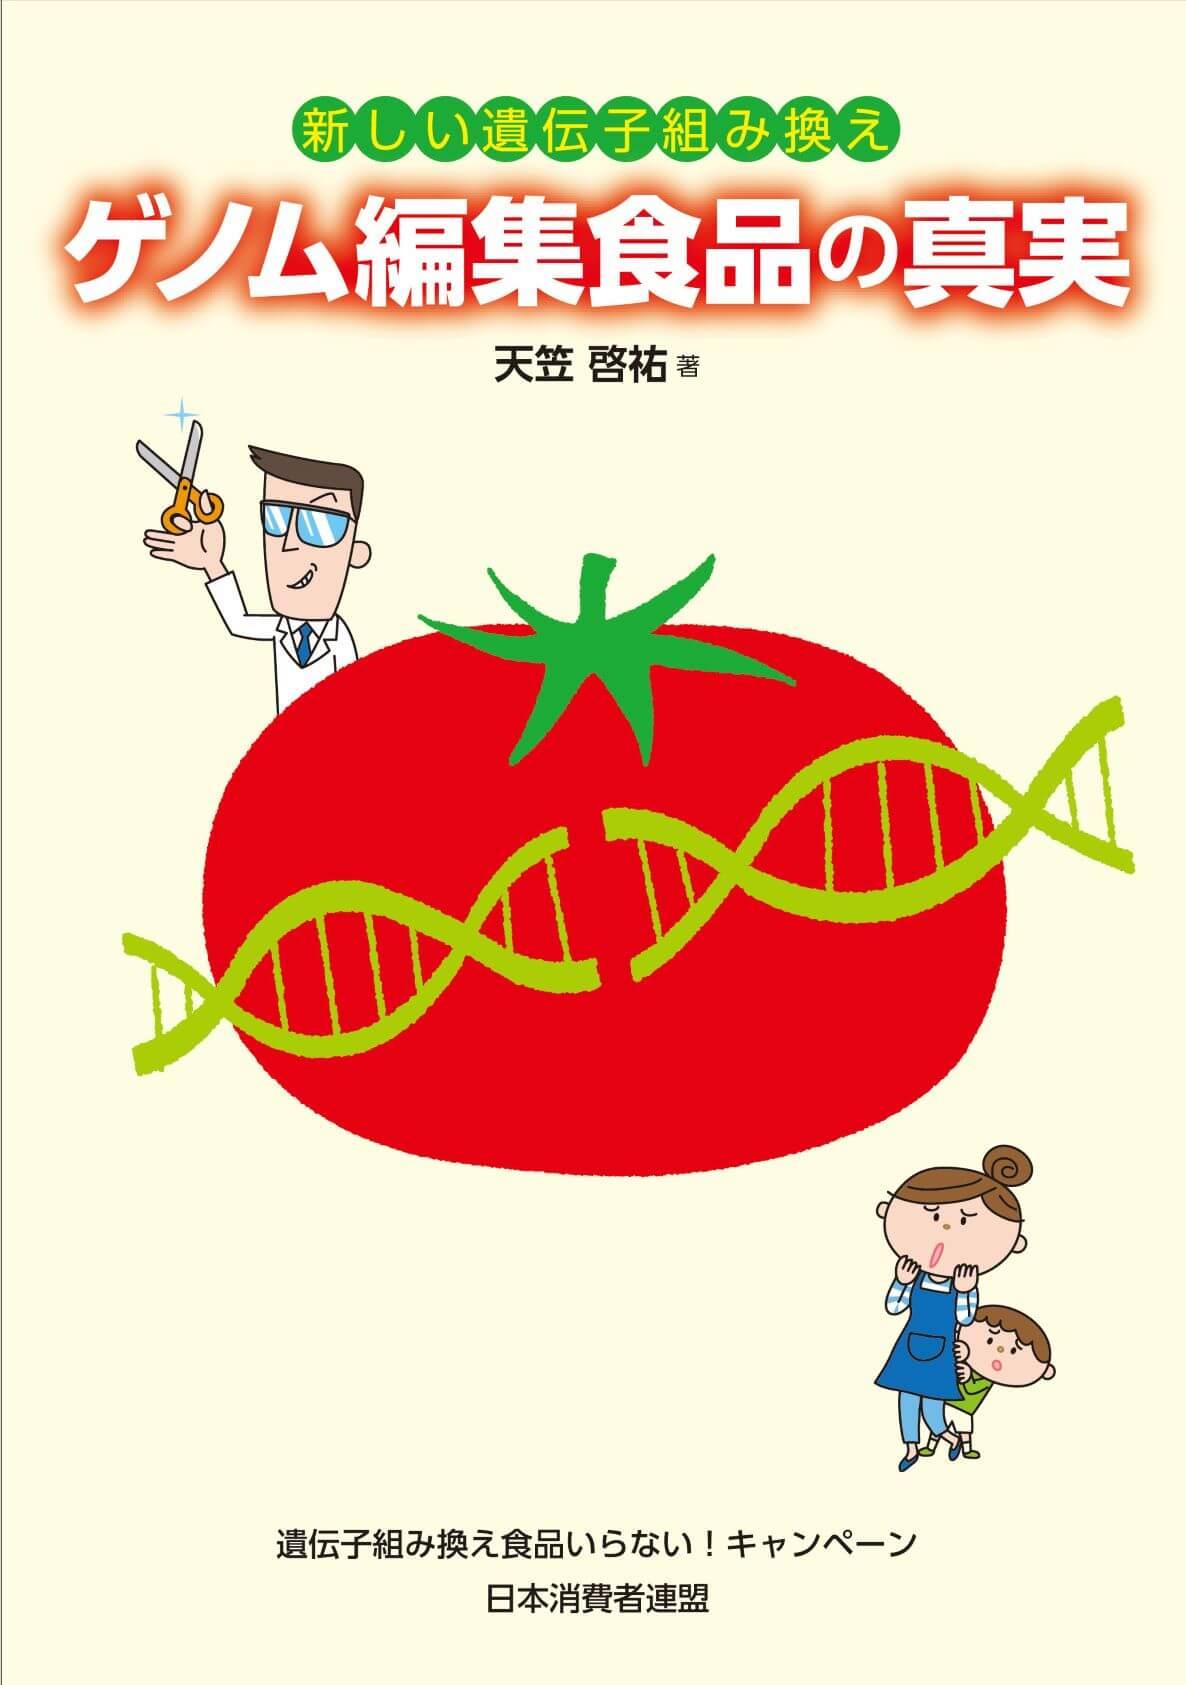 10月1回~10月4回企画までの期間限定【書籍販売】ブックレット「新しい遺伝子組み換え ゲノム編集食品の真実」